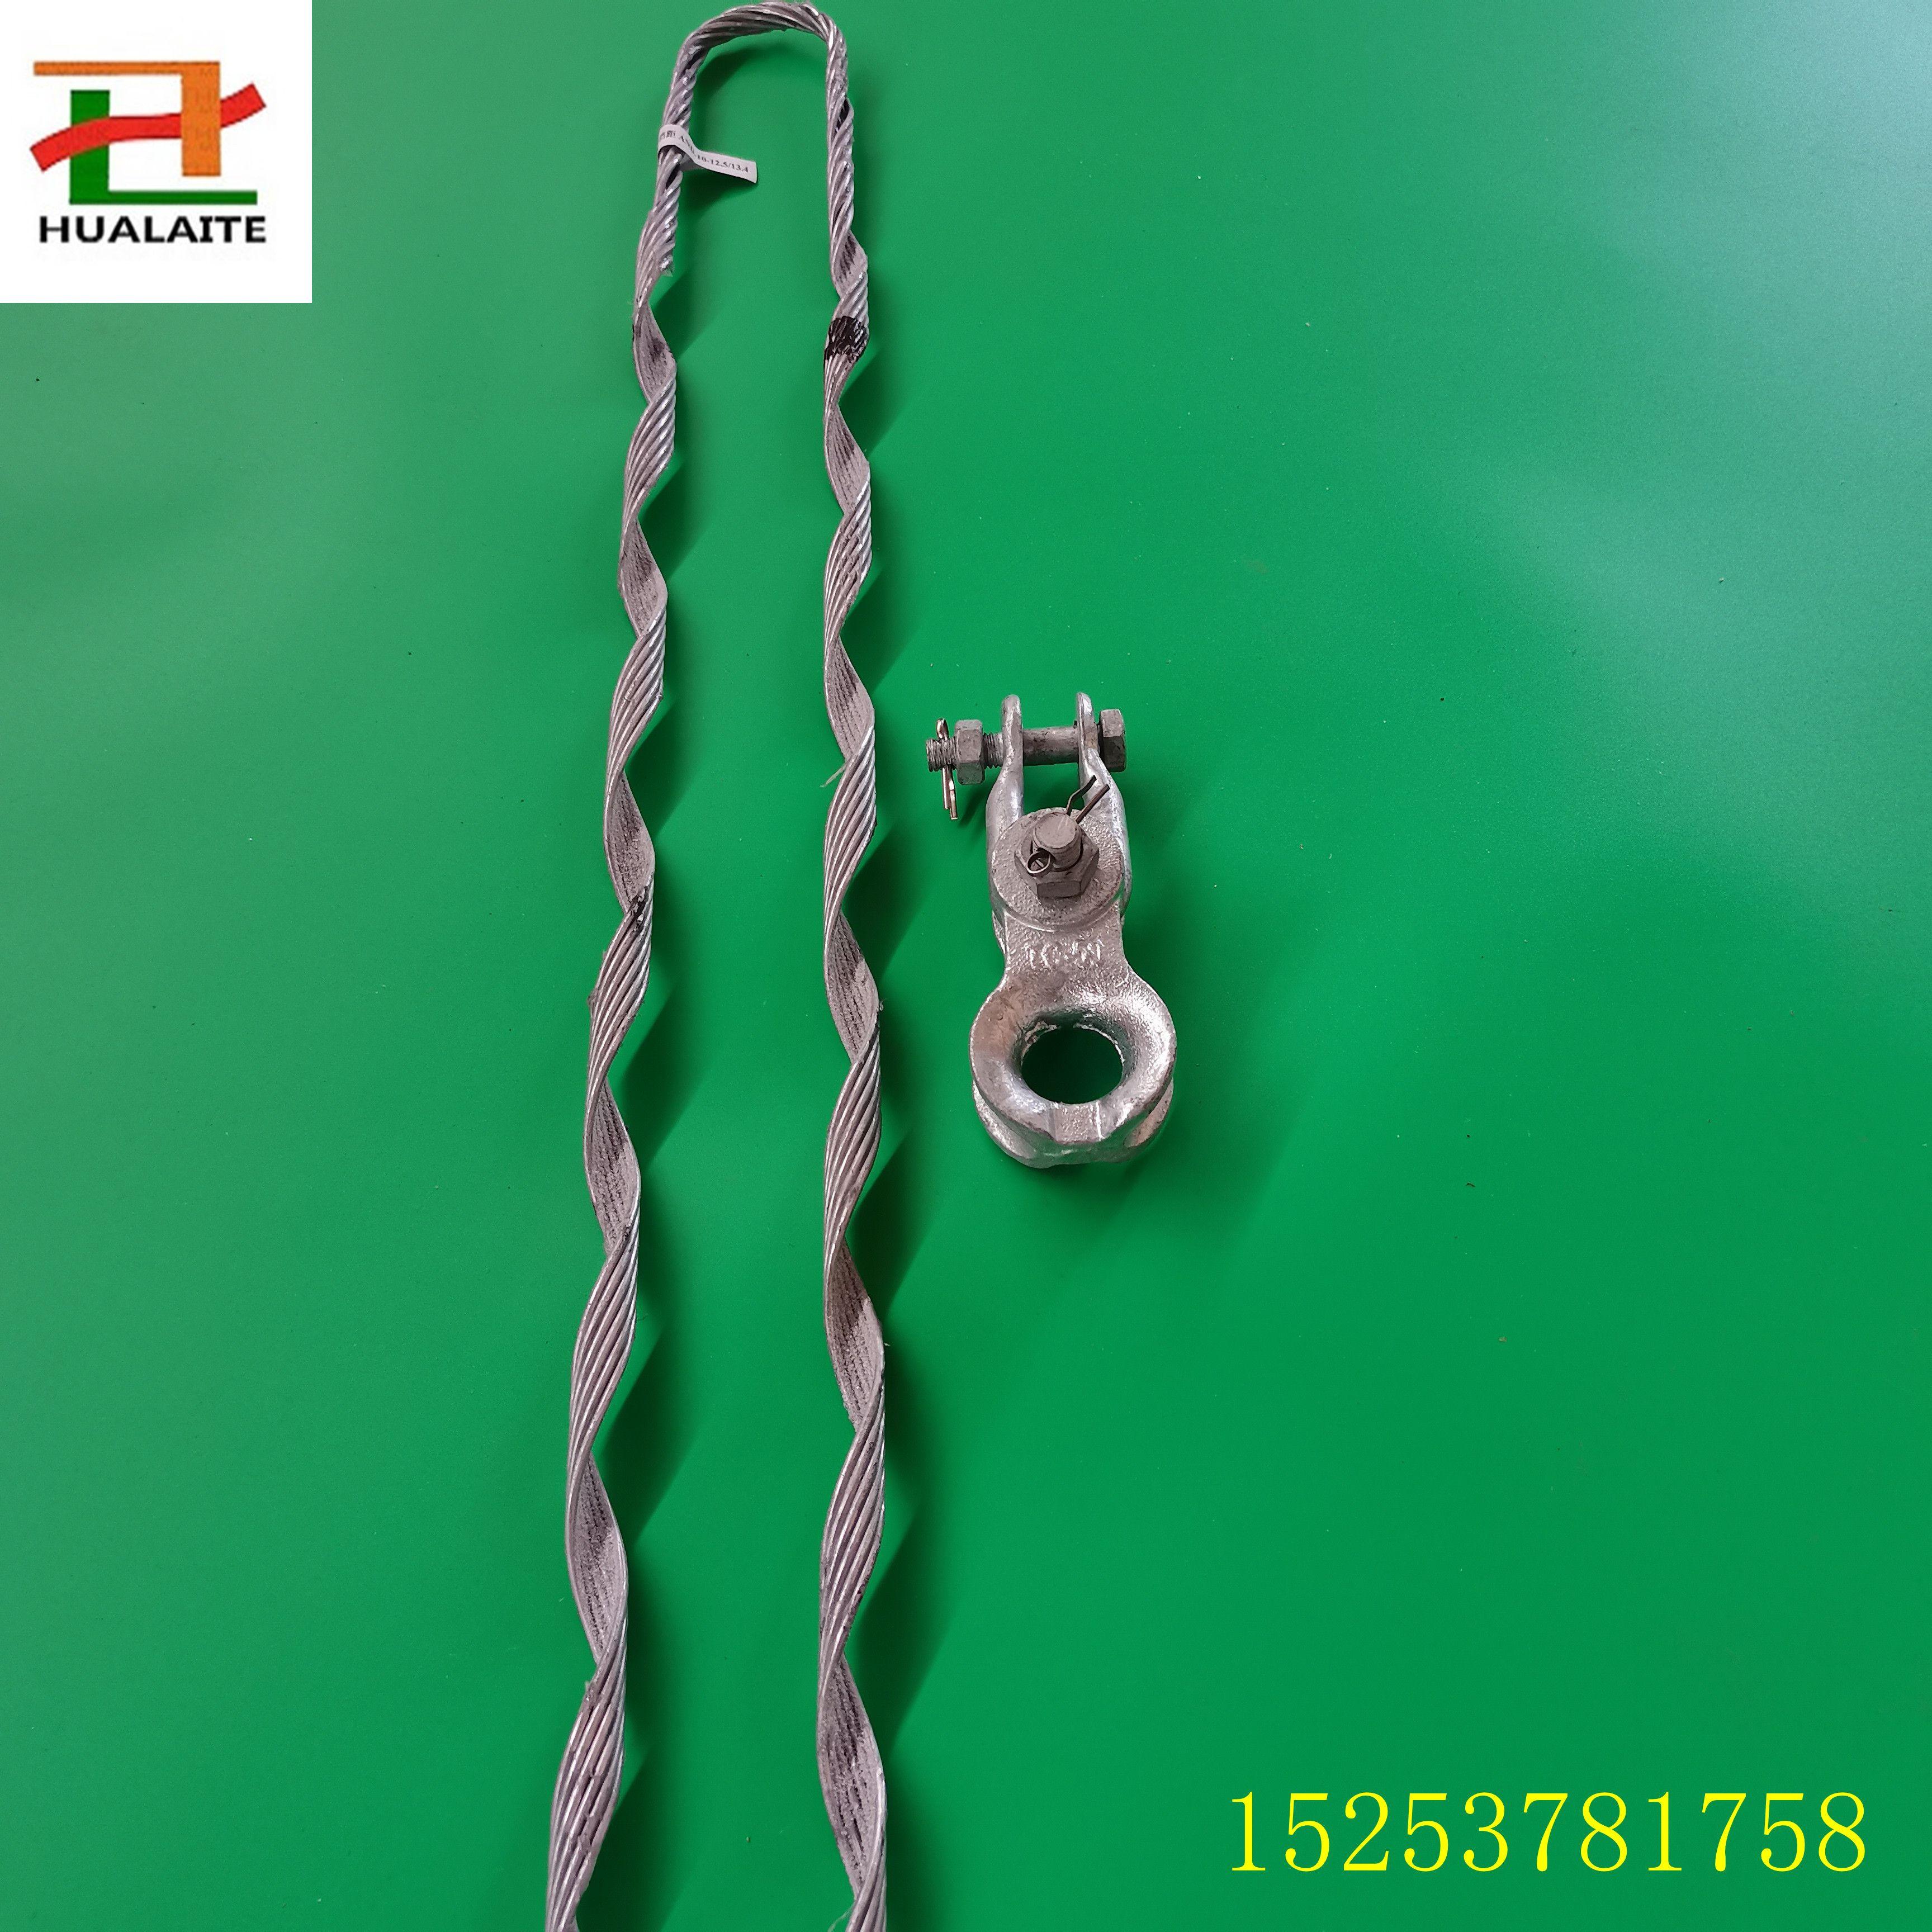 宁夏供应小档距ADSS耐张线夹预绞式耐张夹具价格